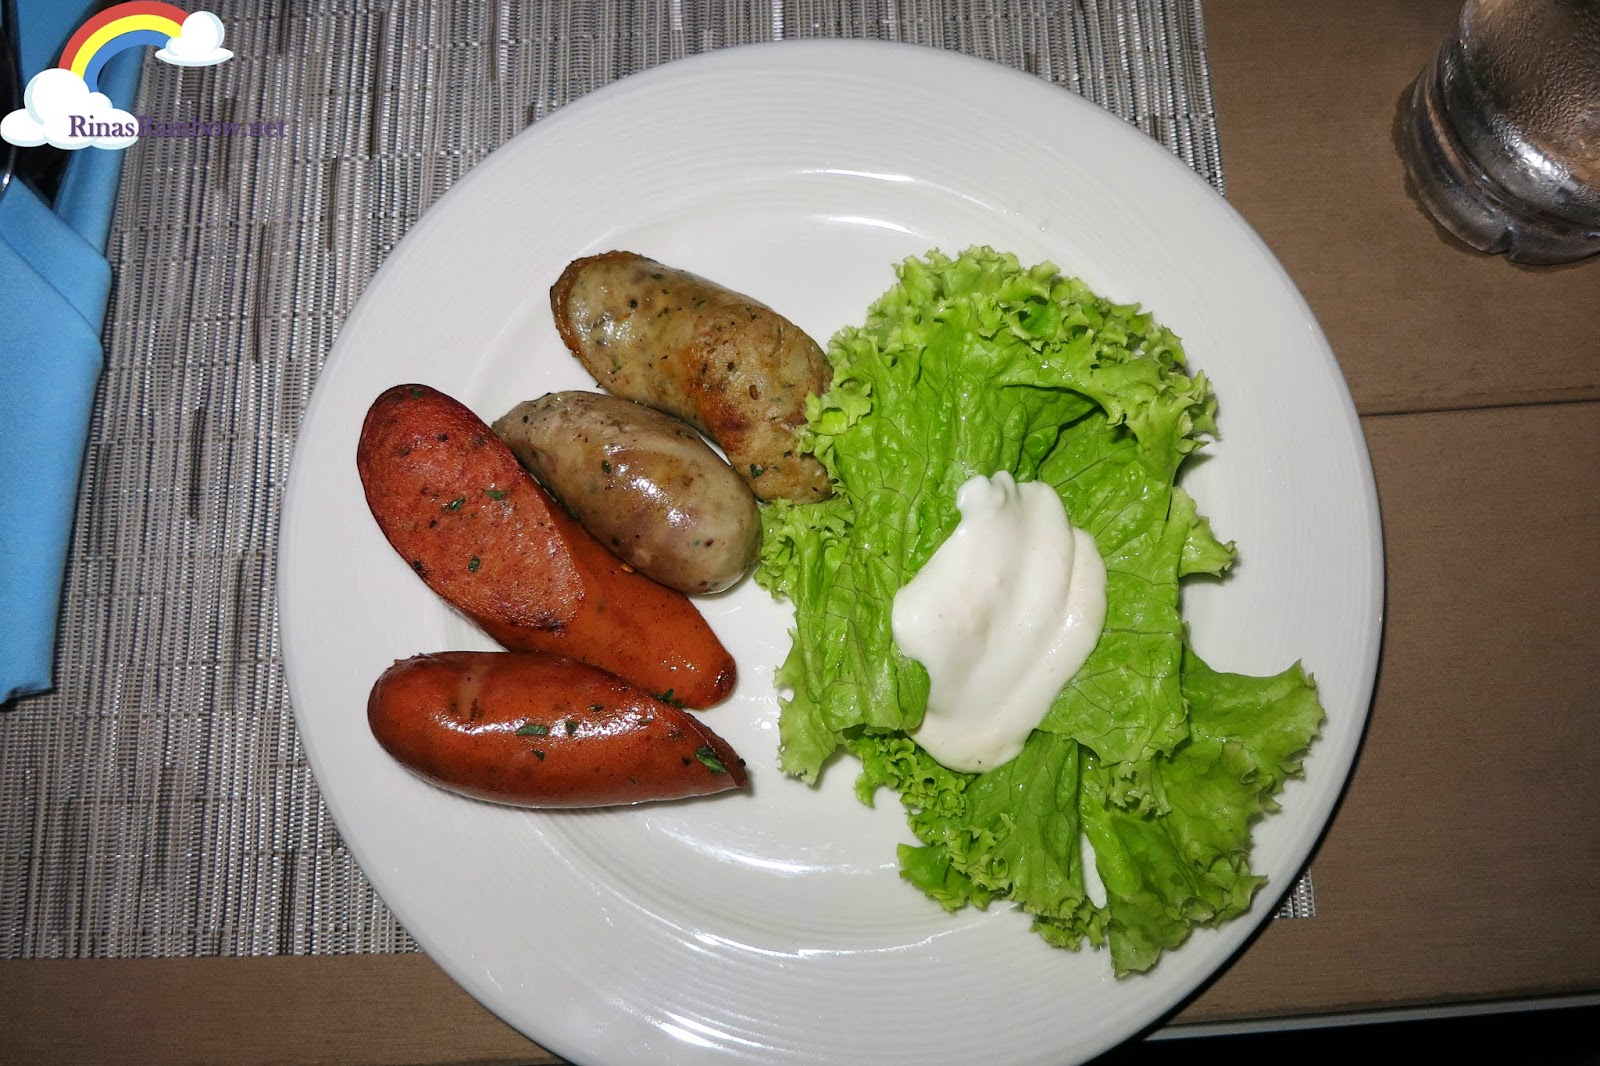 sausage and salad